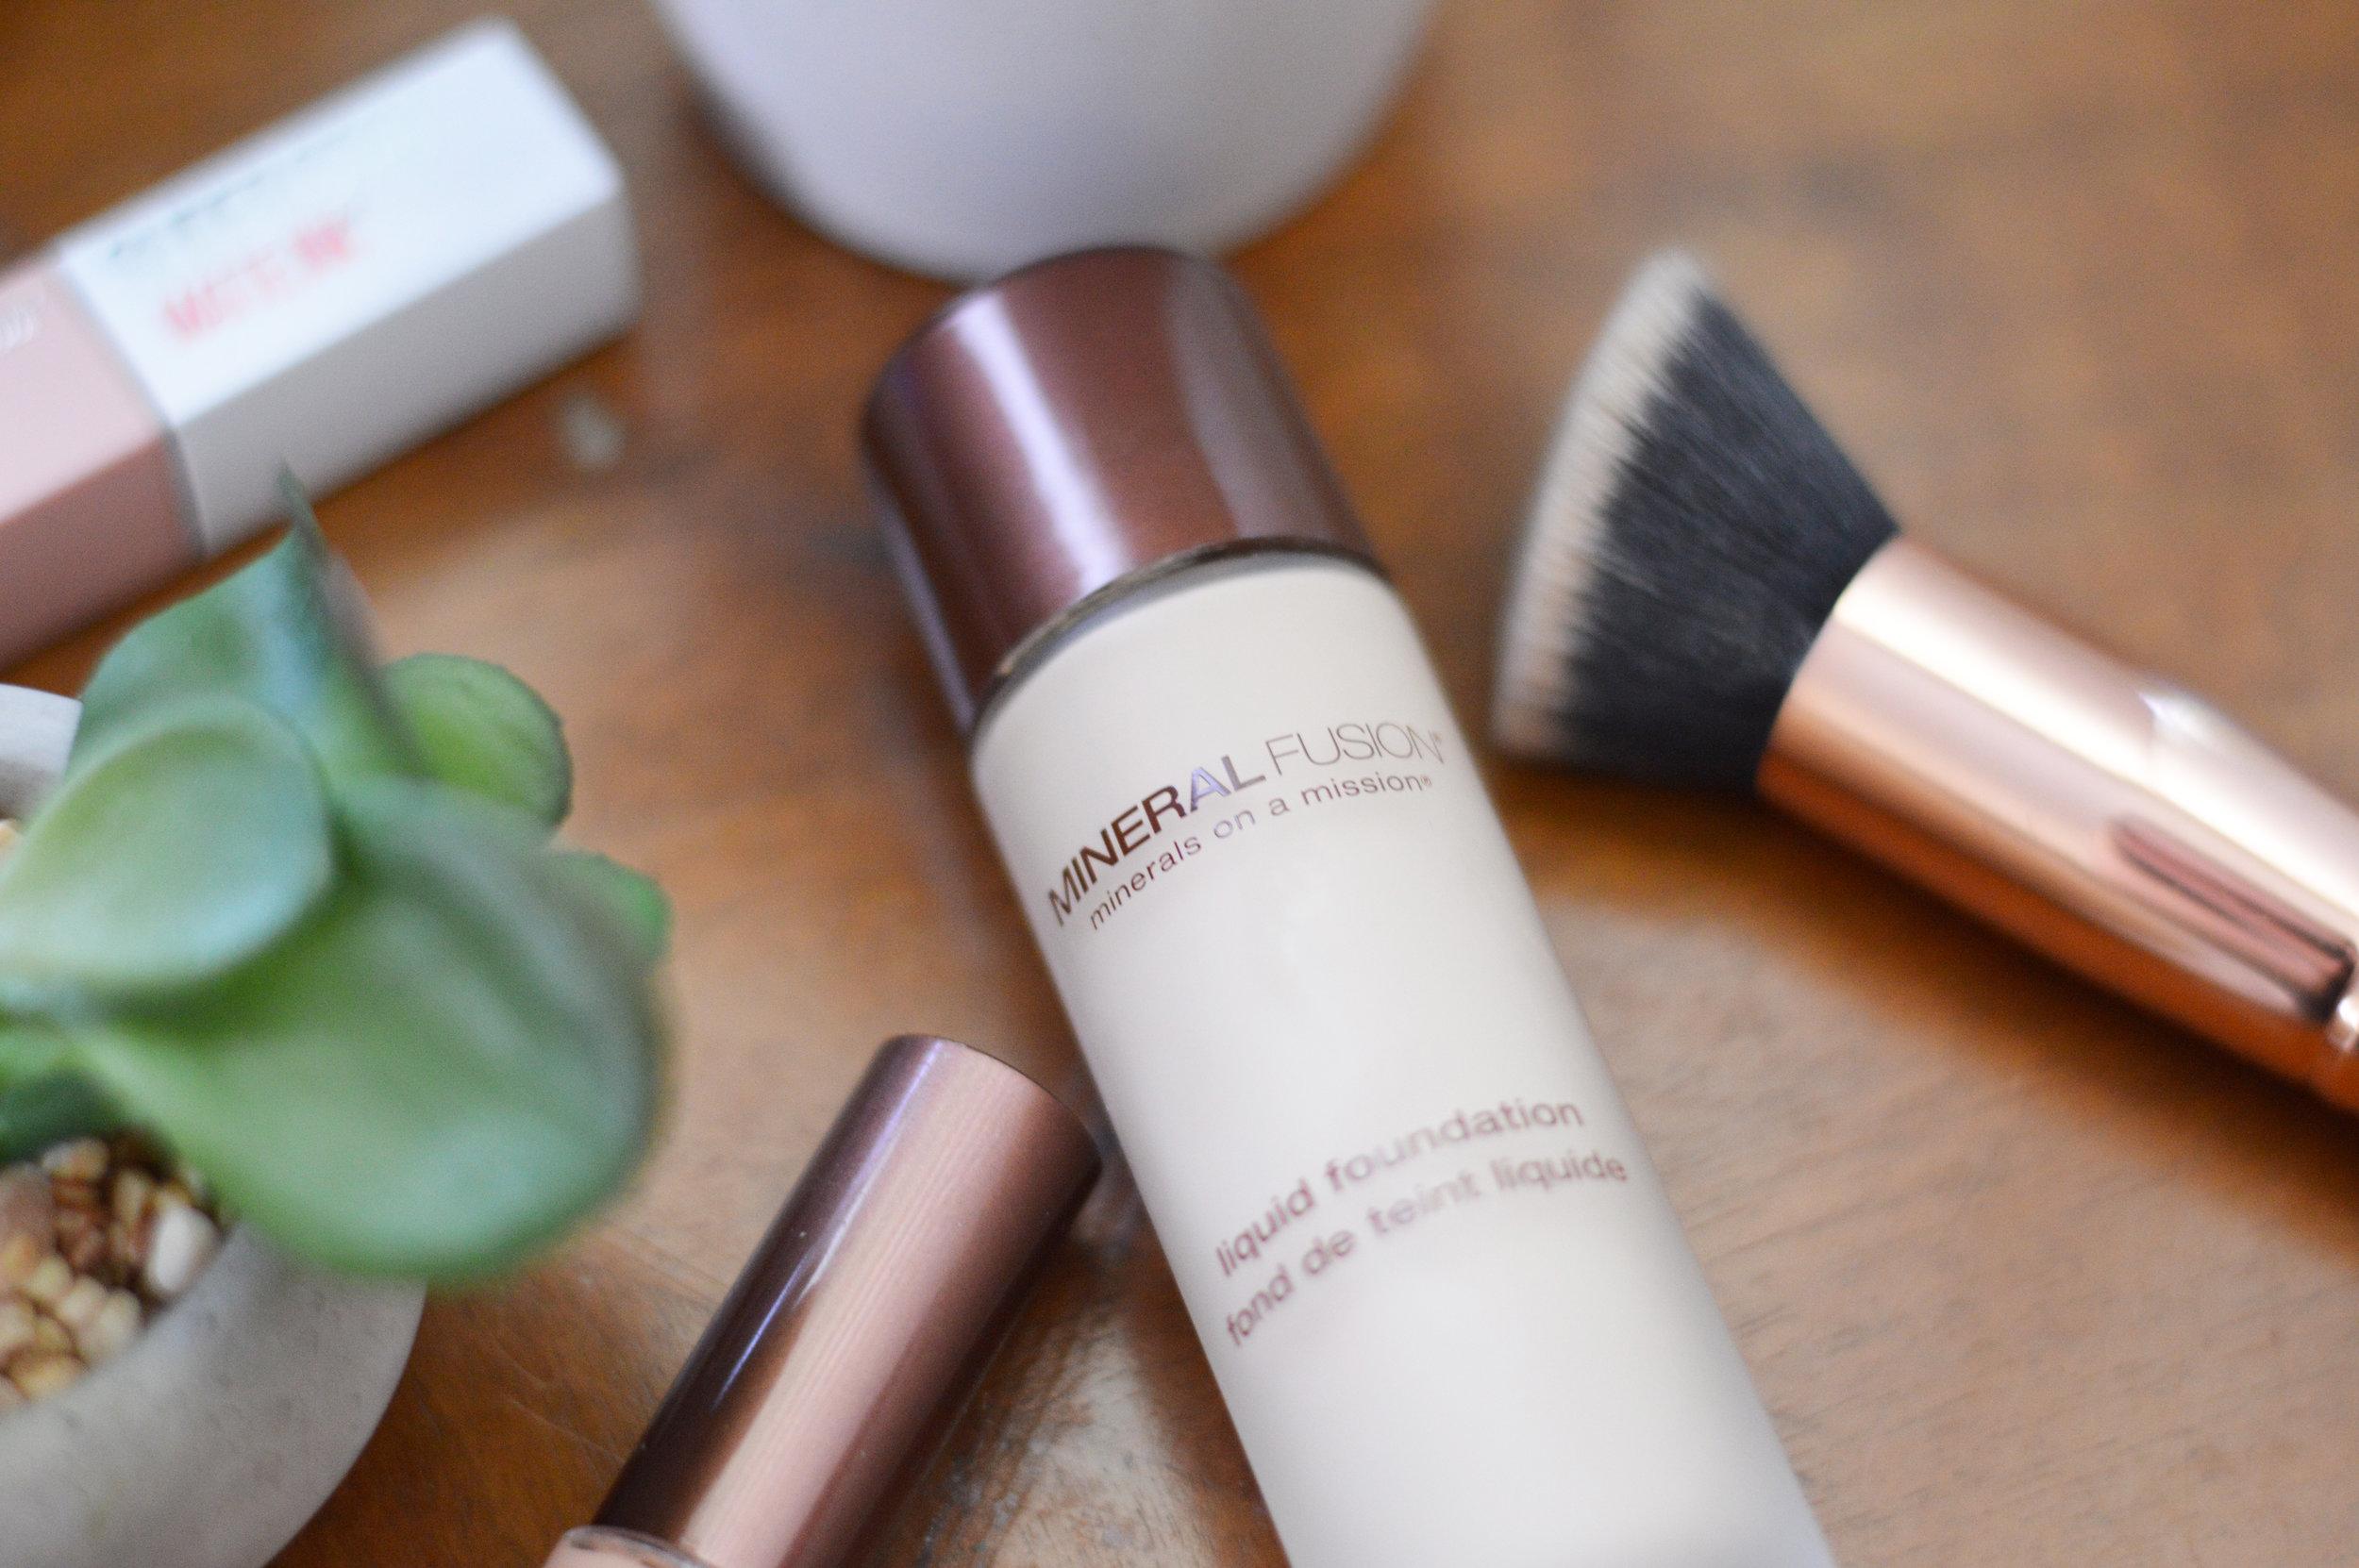 mineral fusion mineral makeup natural makeup